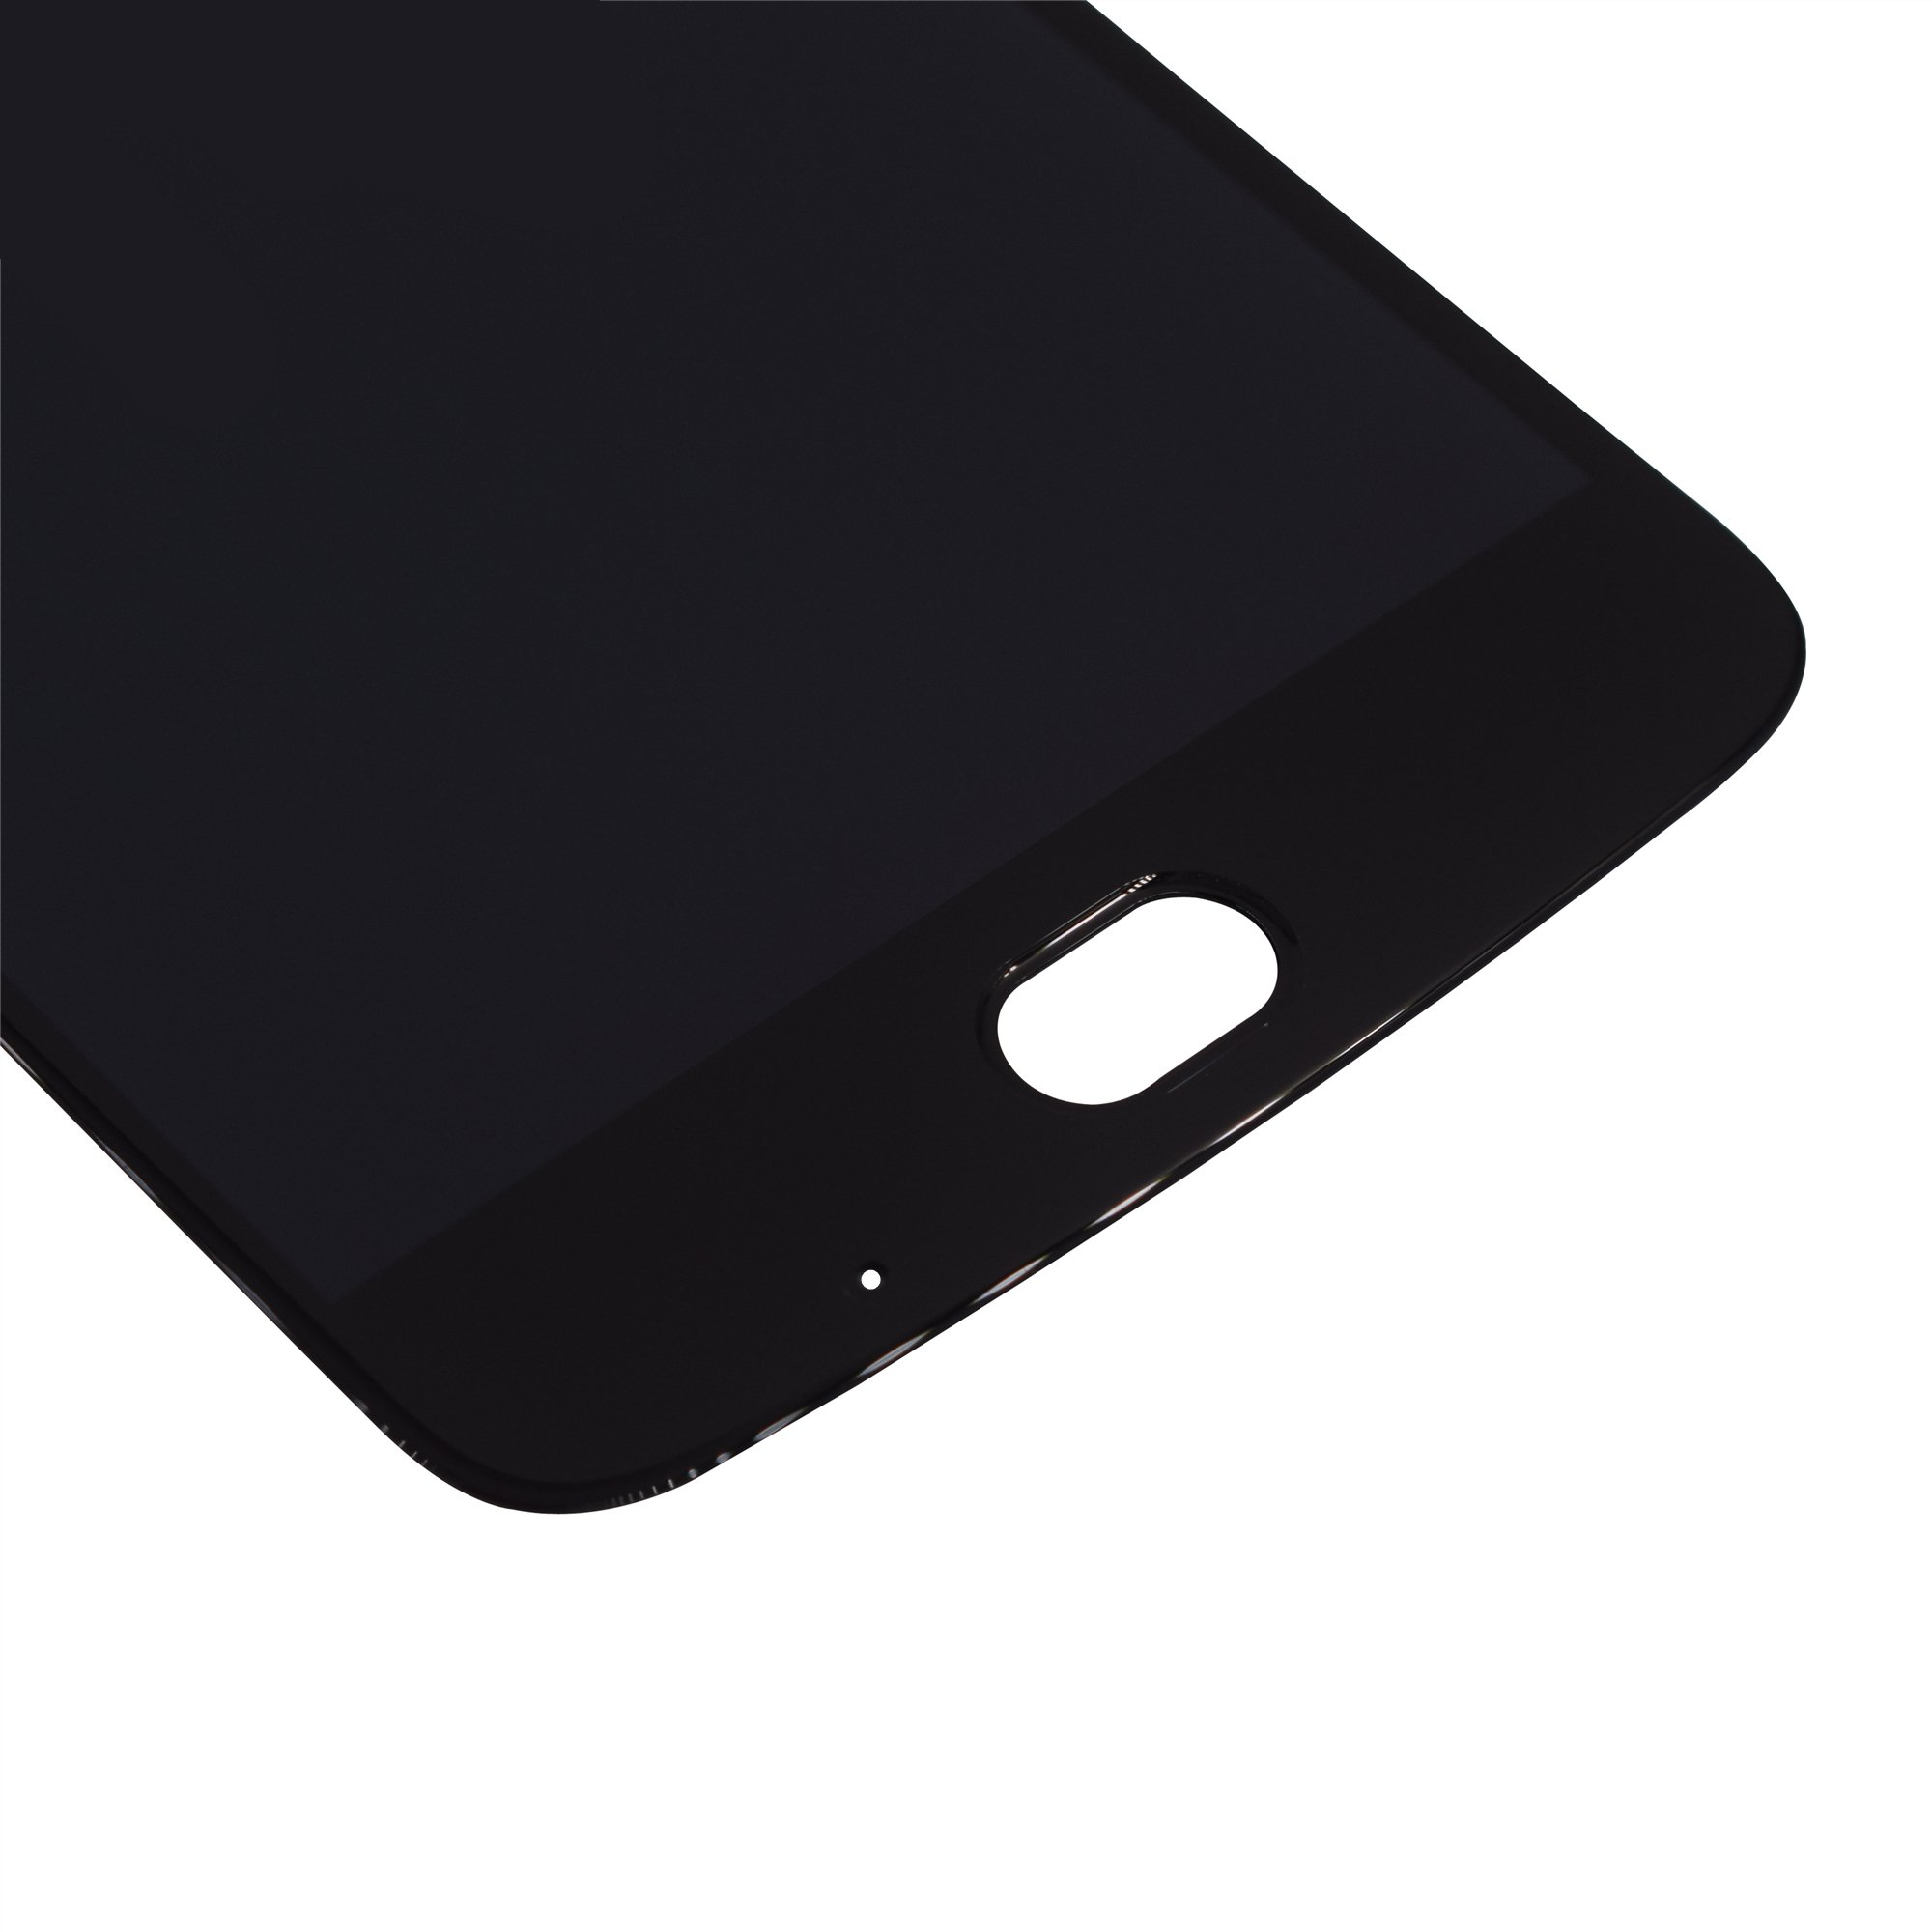 VEKIR Touch Display Digitizer Screen Replacement for Motorola Moto Z2 Play XT1710-01 XT1710-07 XT1710-10 XT1710-08(Black) by VEKIR (Image #5)